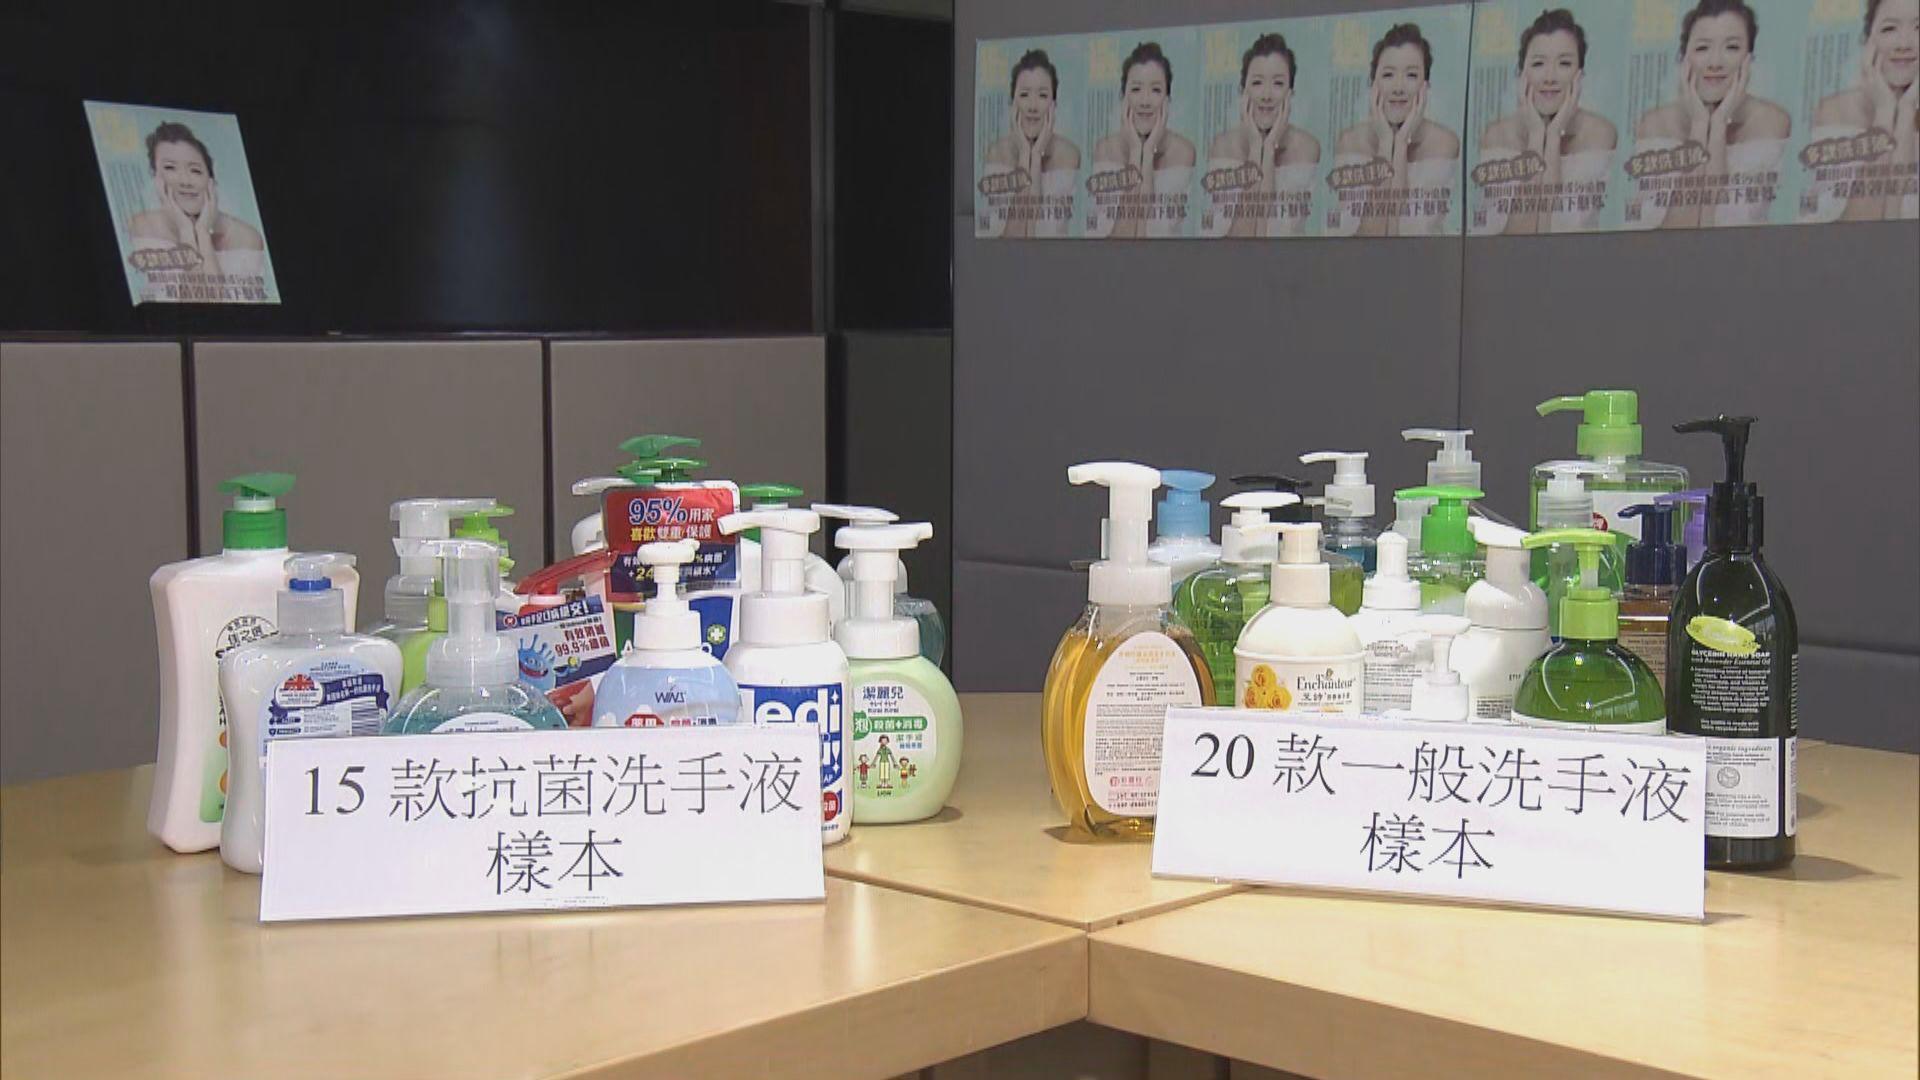 消委會:部分抗菌洗手液含可致敏防腐劑